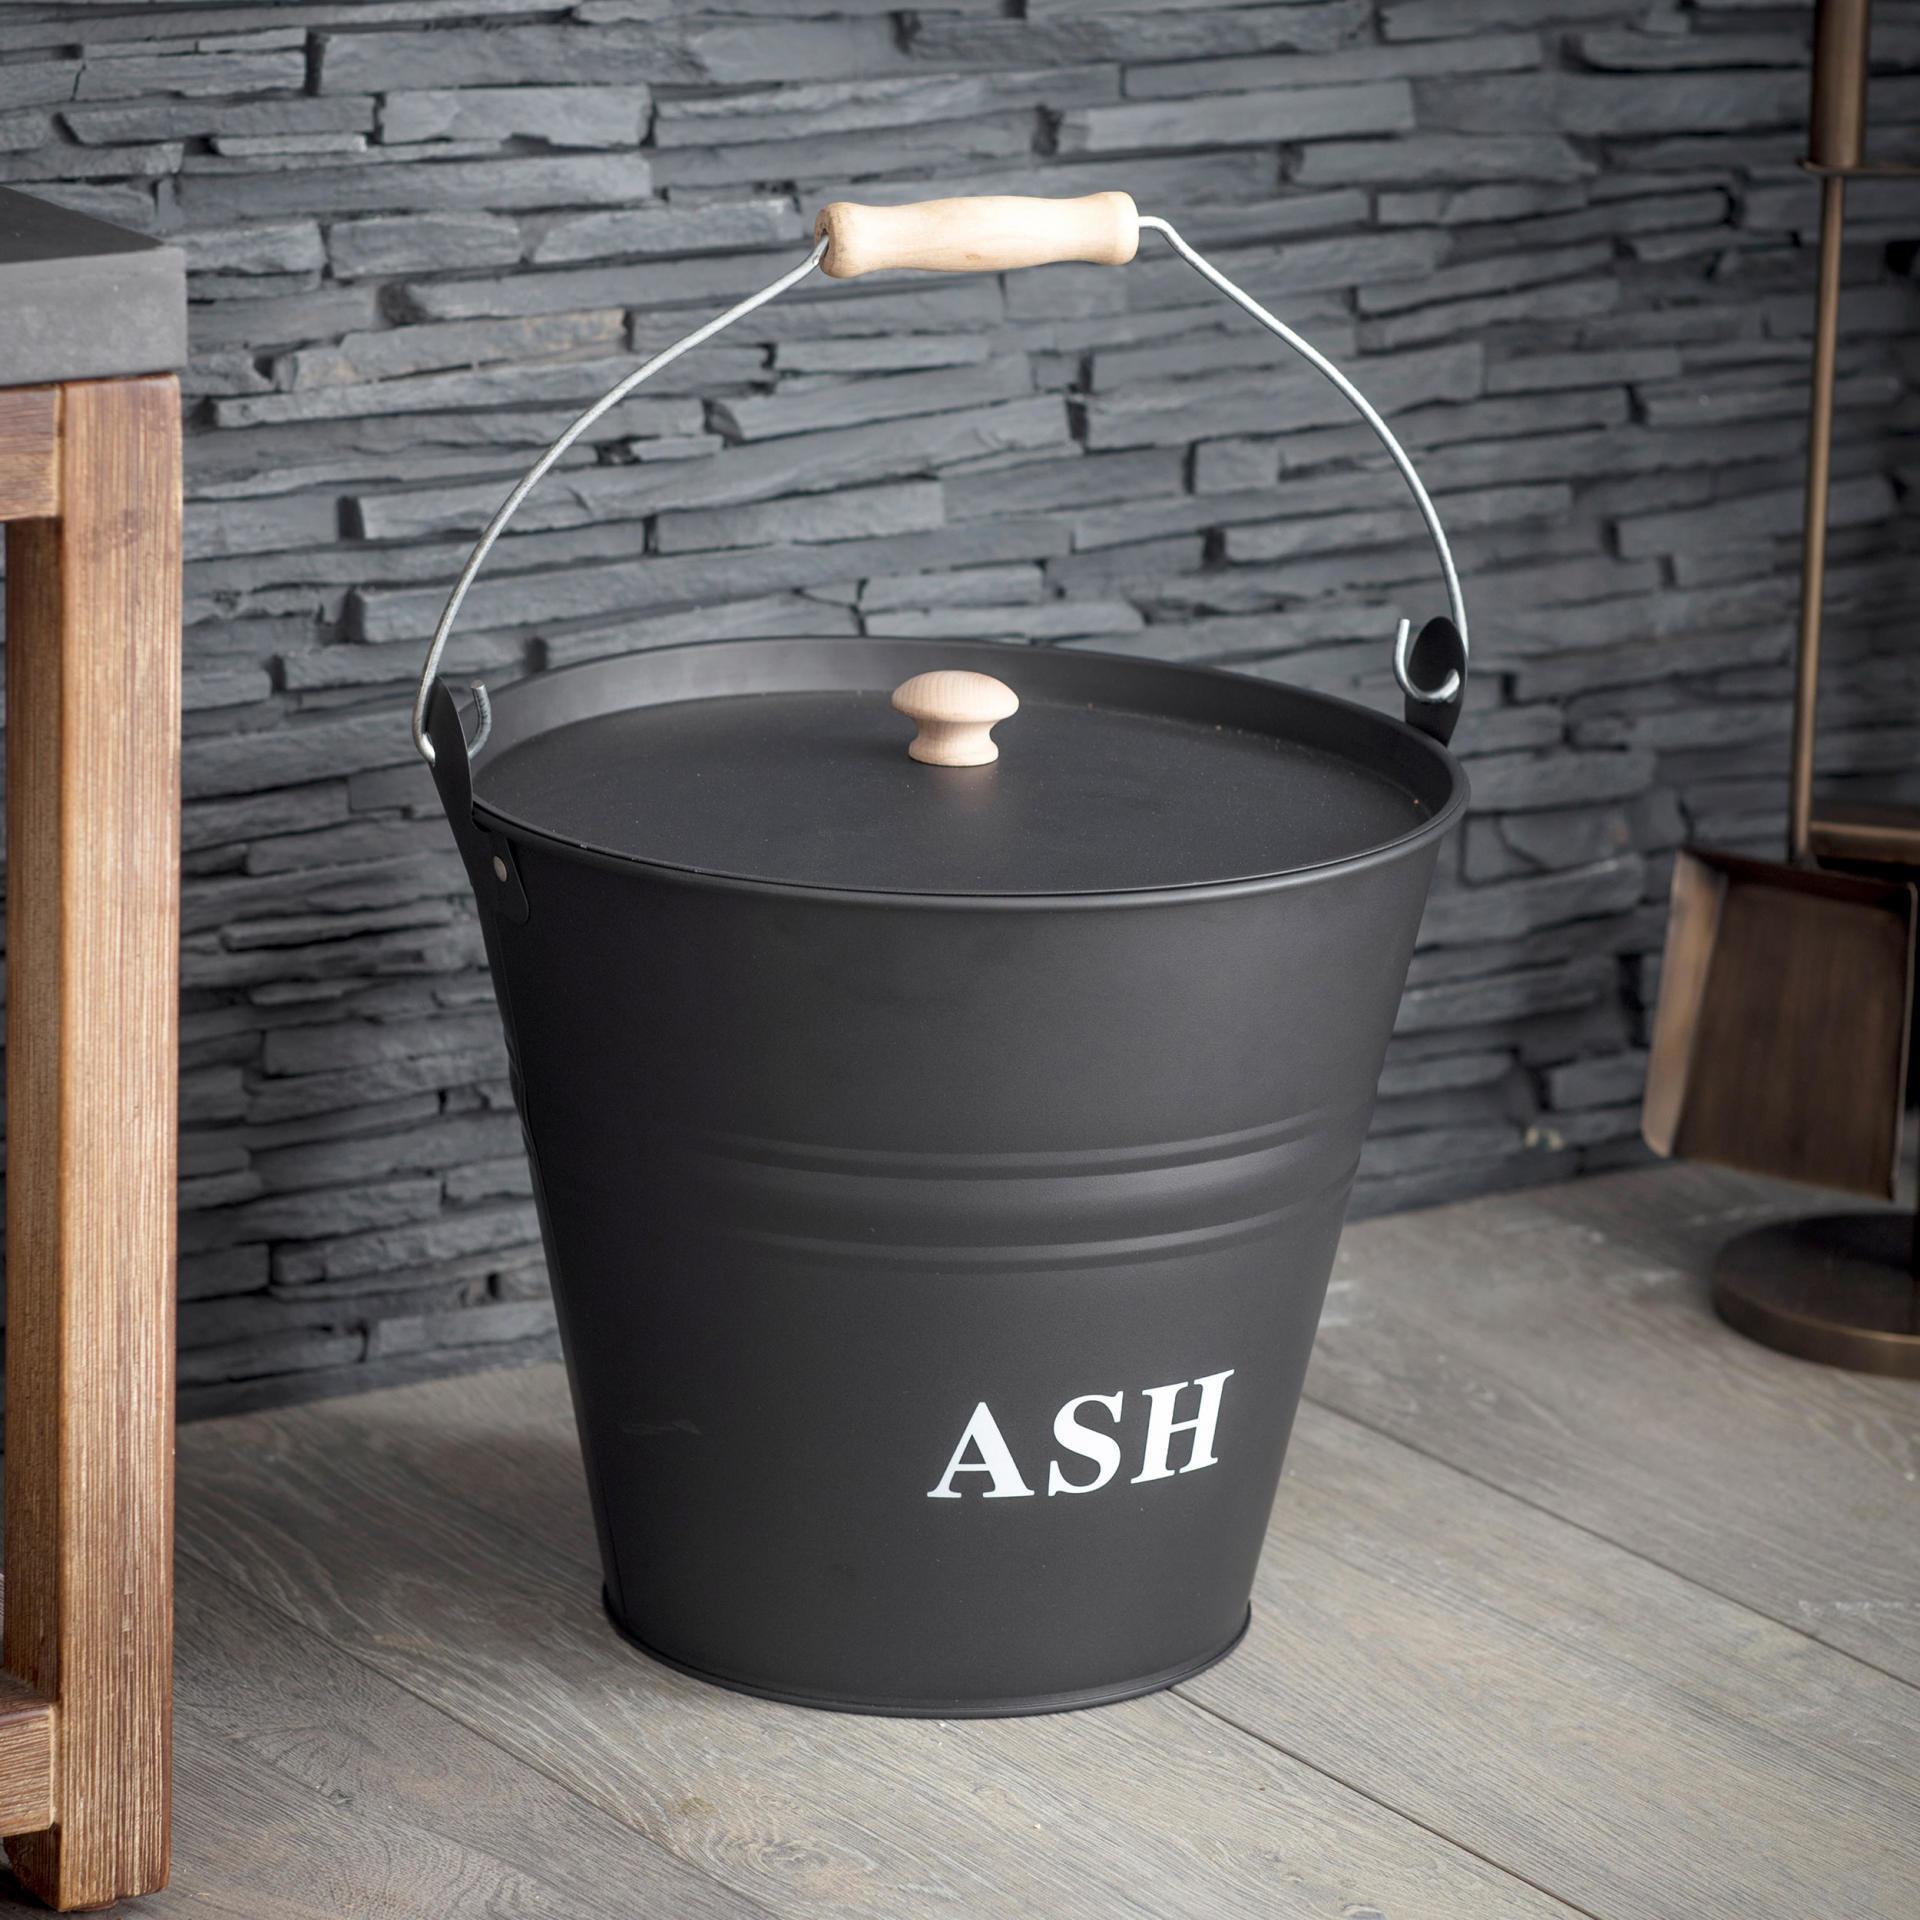 Garden Trading Nádoba na popel Ash, černá barva, dřevo, kov